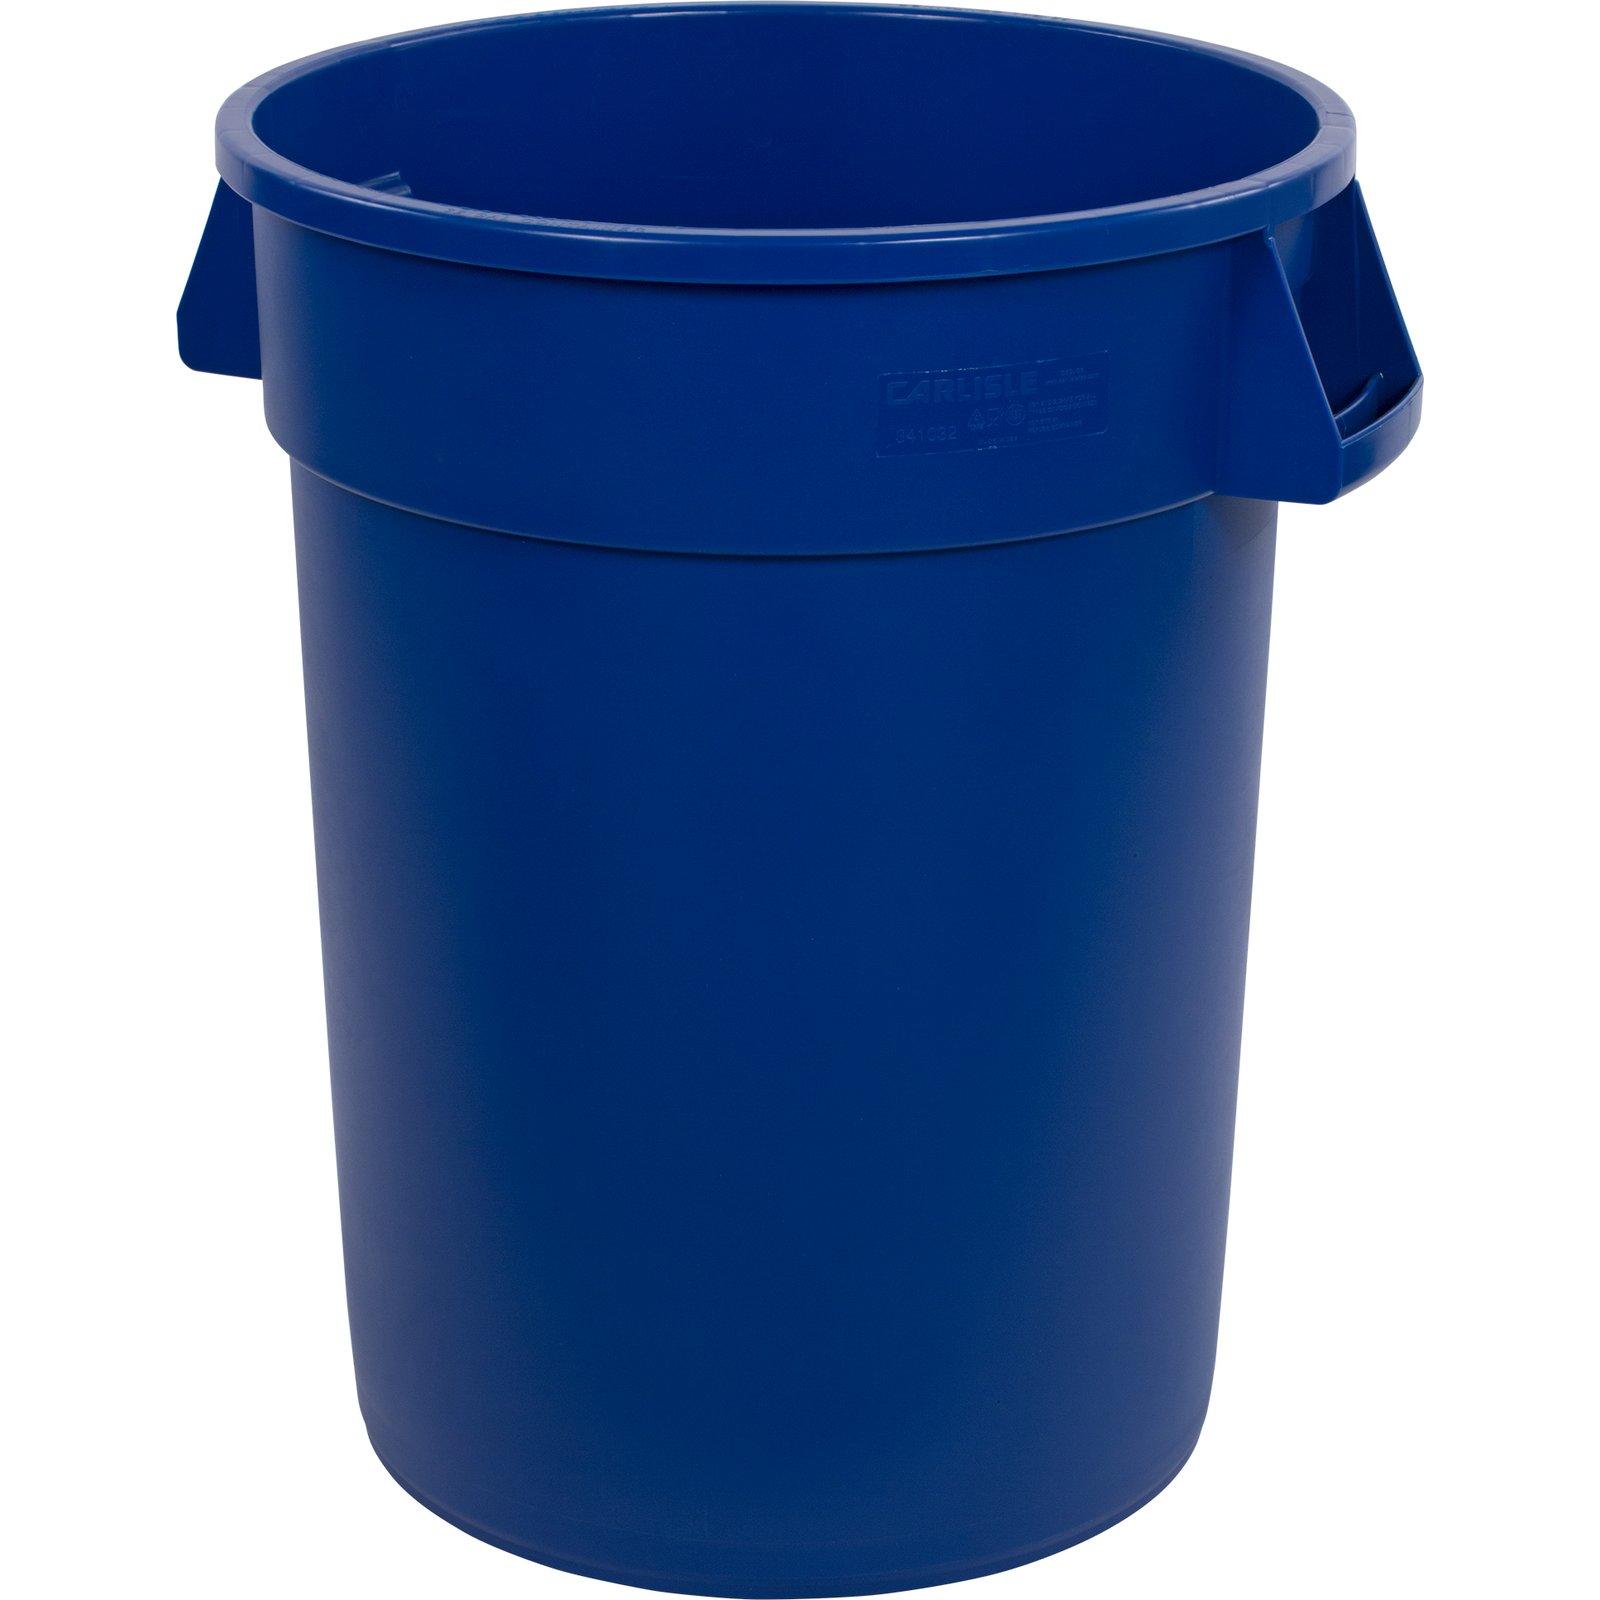 34103214 Bronco Round Waste Bin Trash Container 32